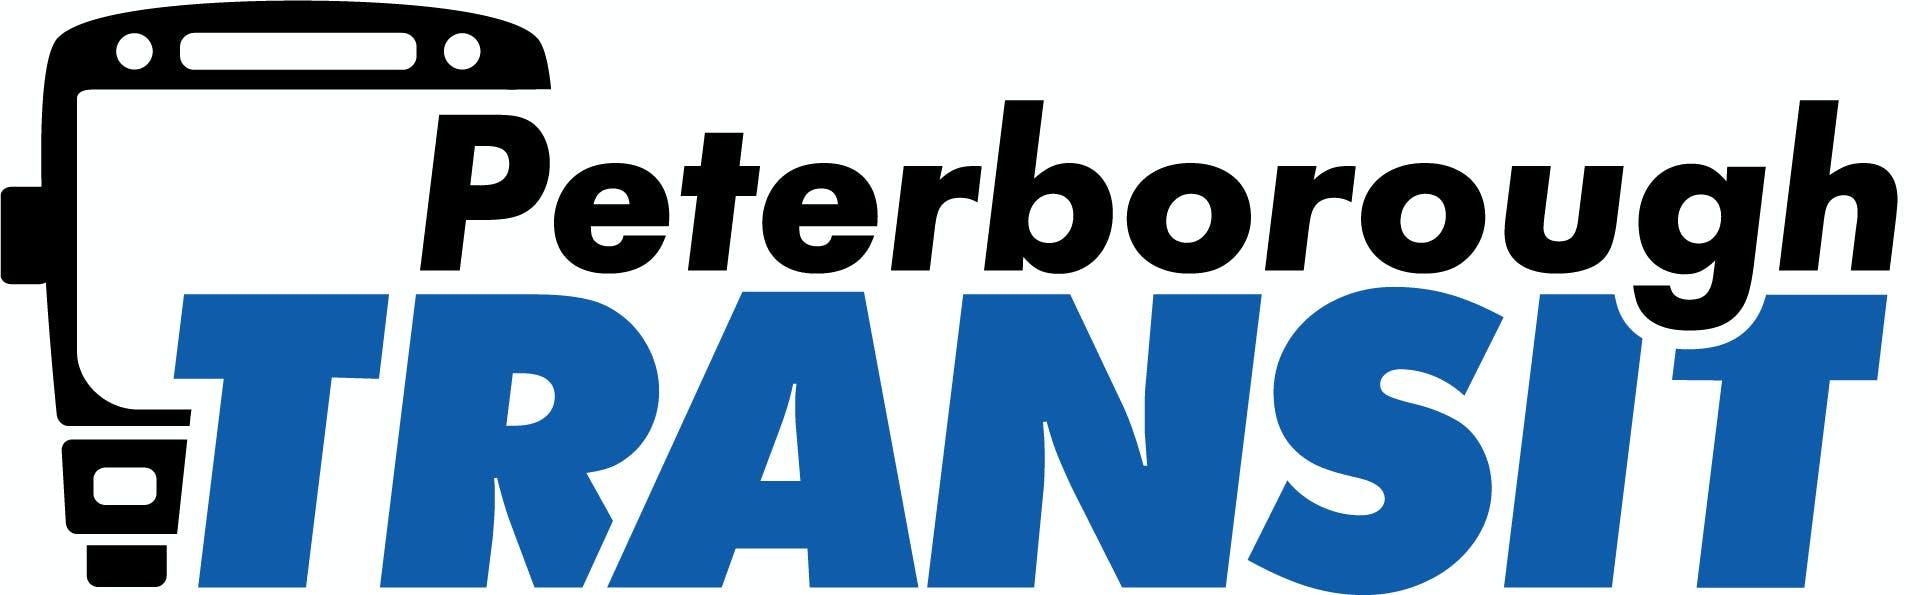 Peterborough Transit logo